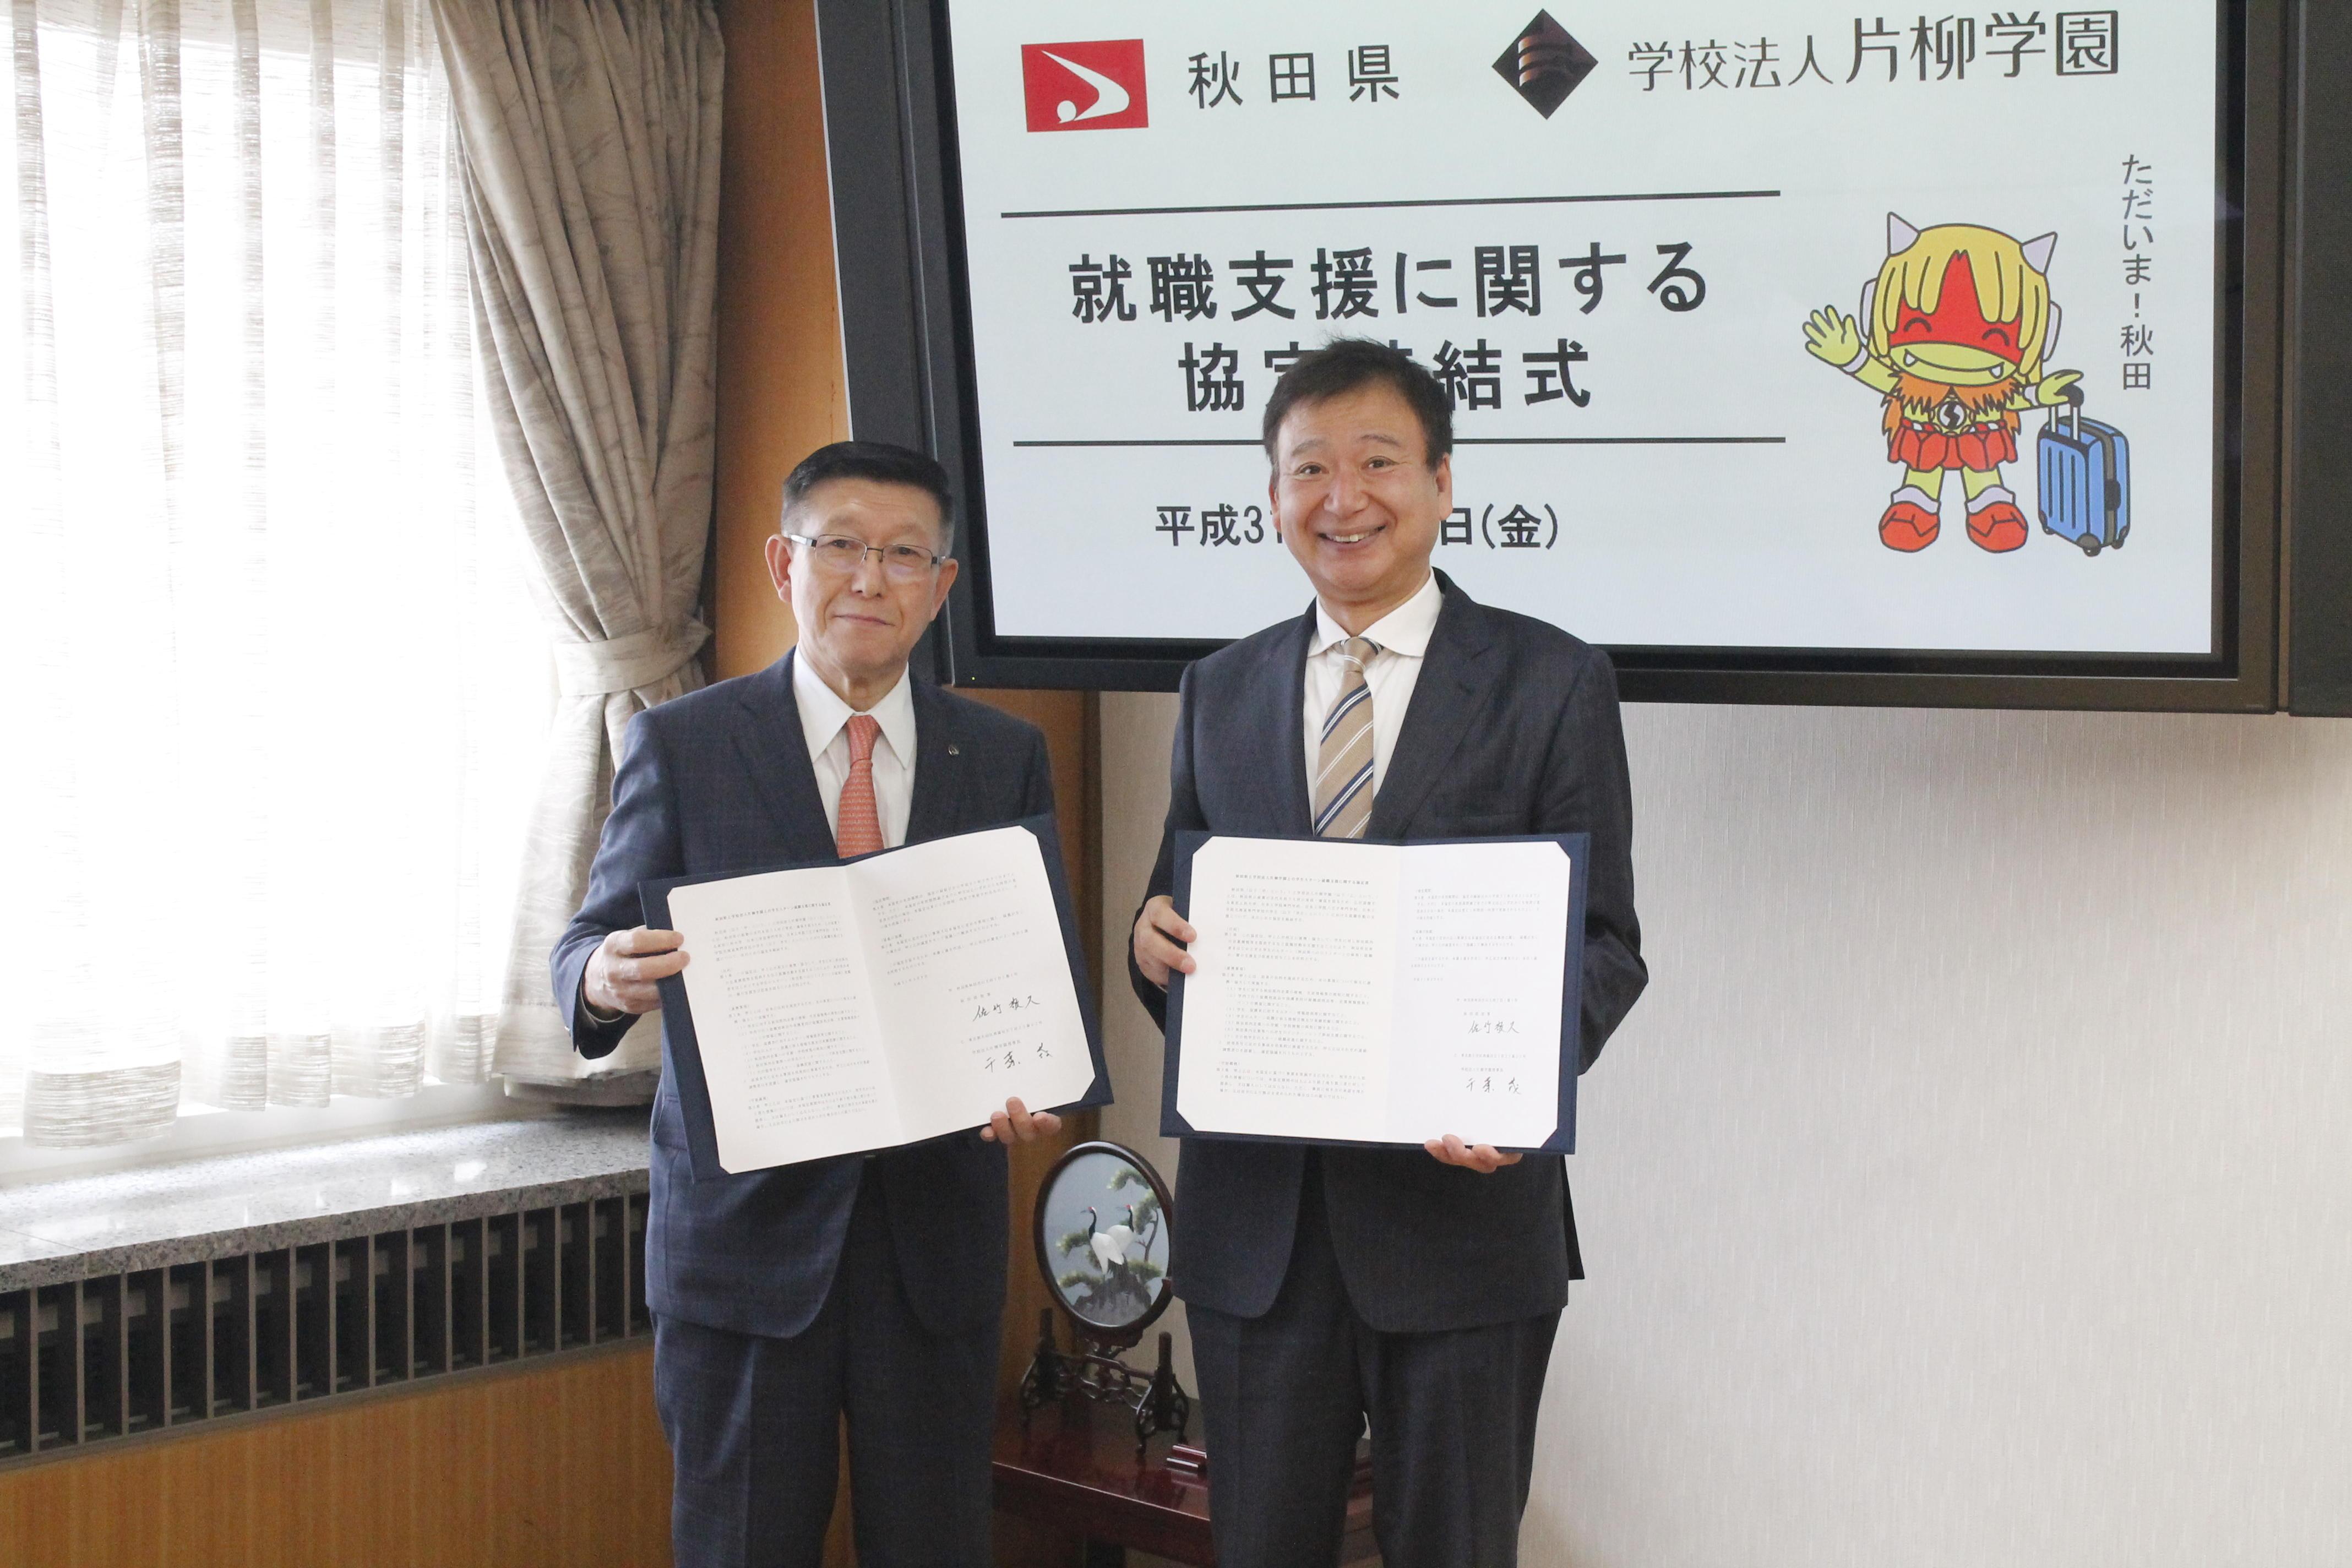 秋田県と「Aターン(注1)就職支援に関する協定」を締結 -- 学校法人片柳学園